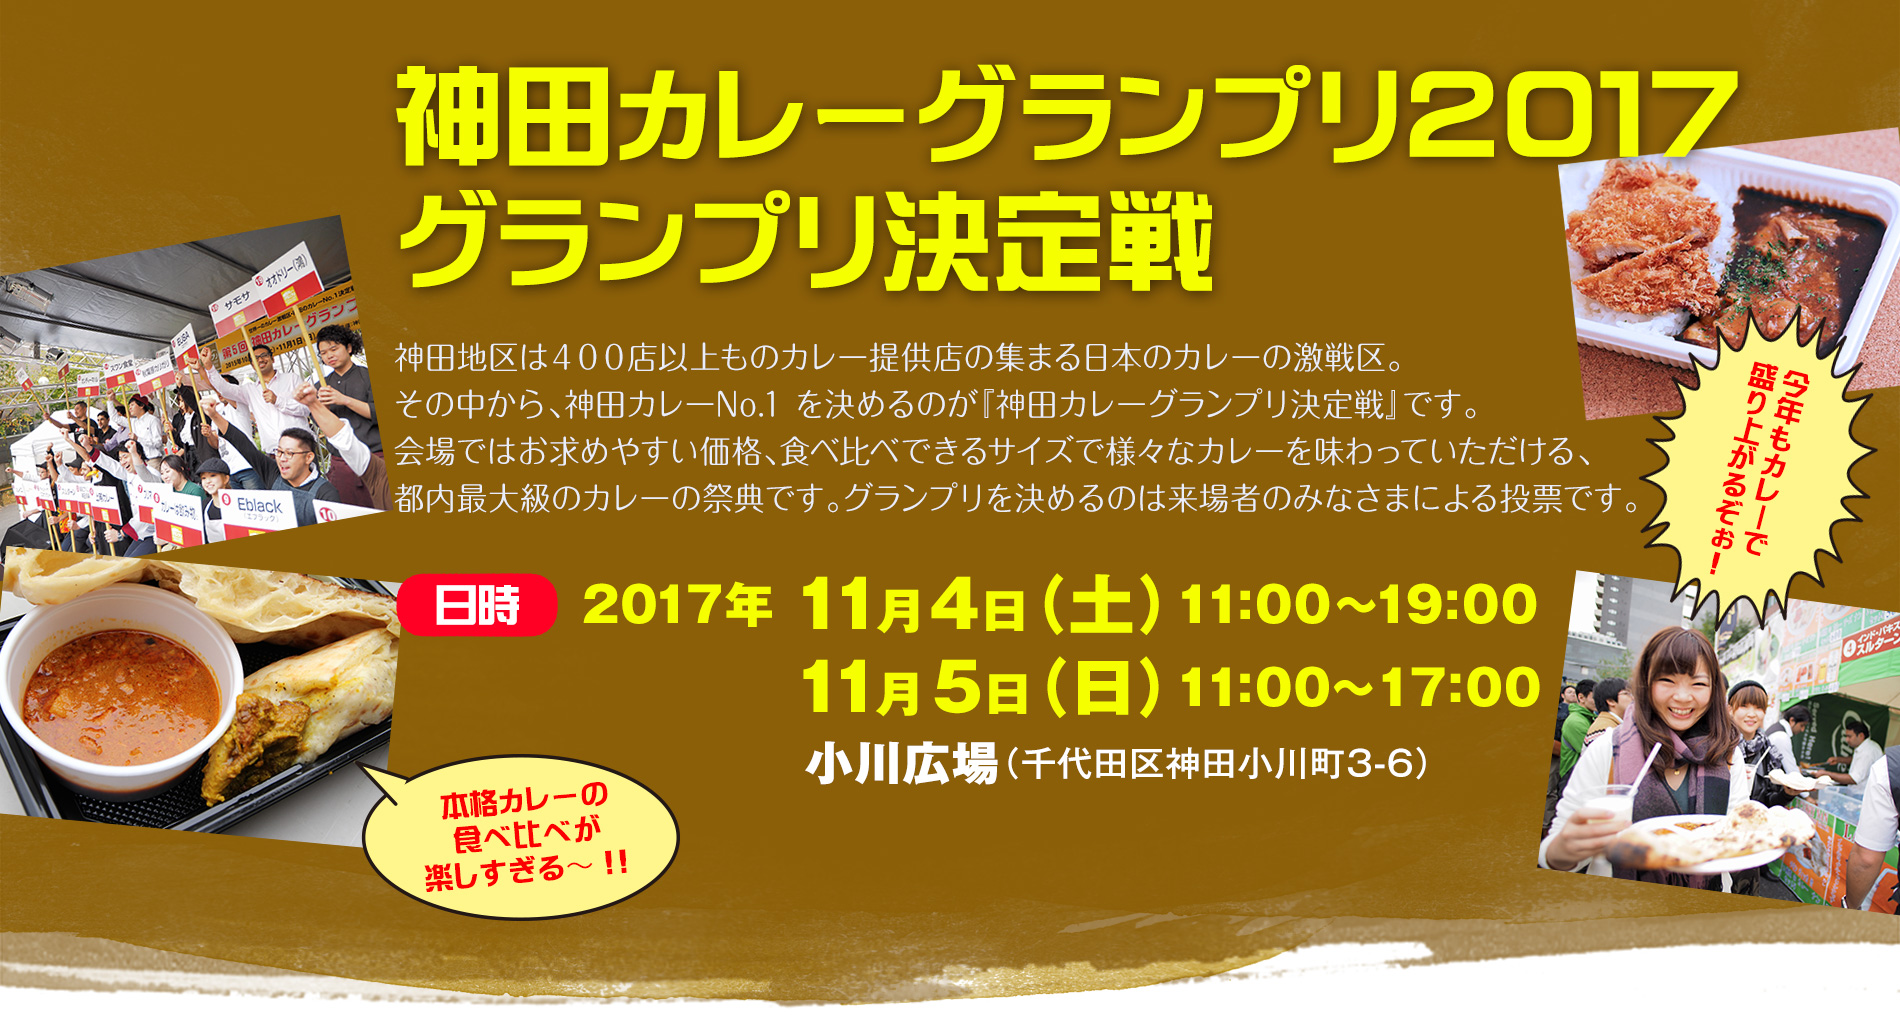 神田カレーグランプリ2017 開催決定